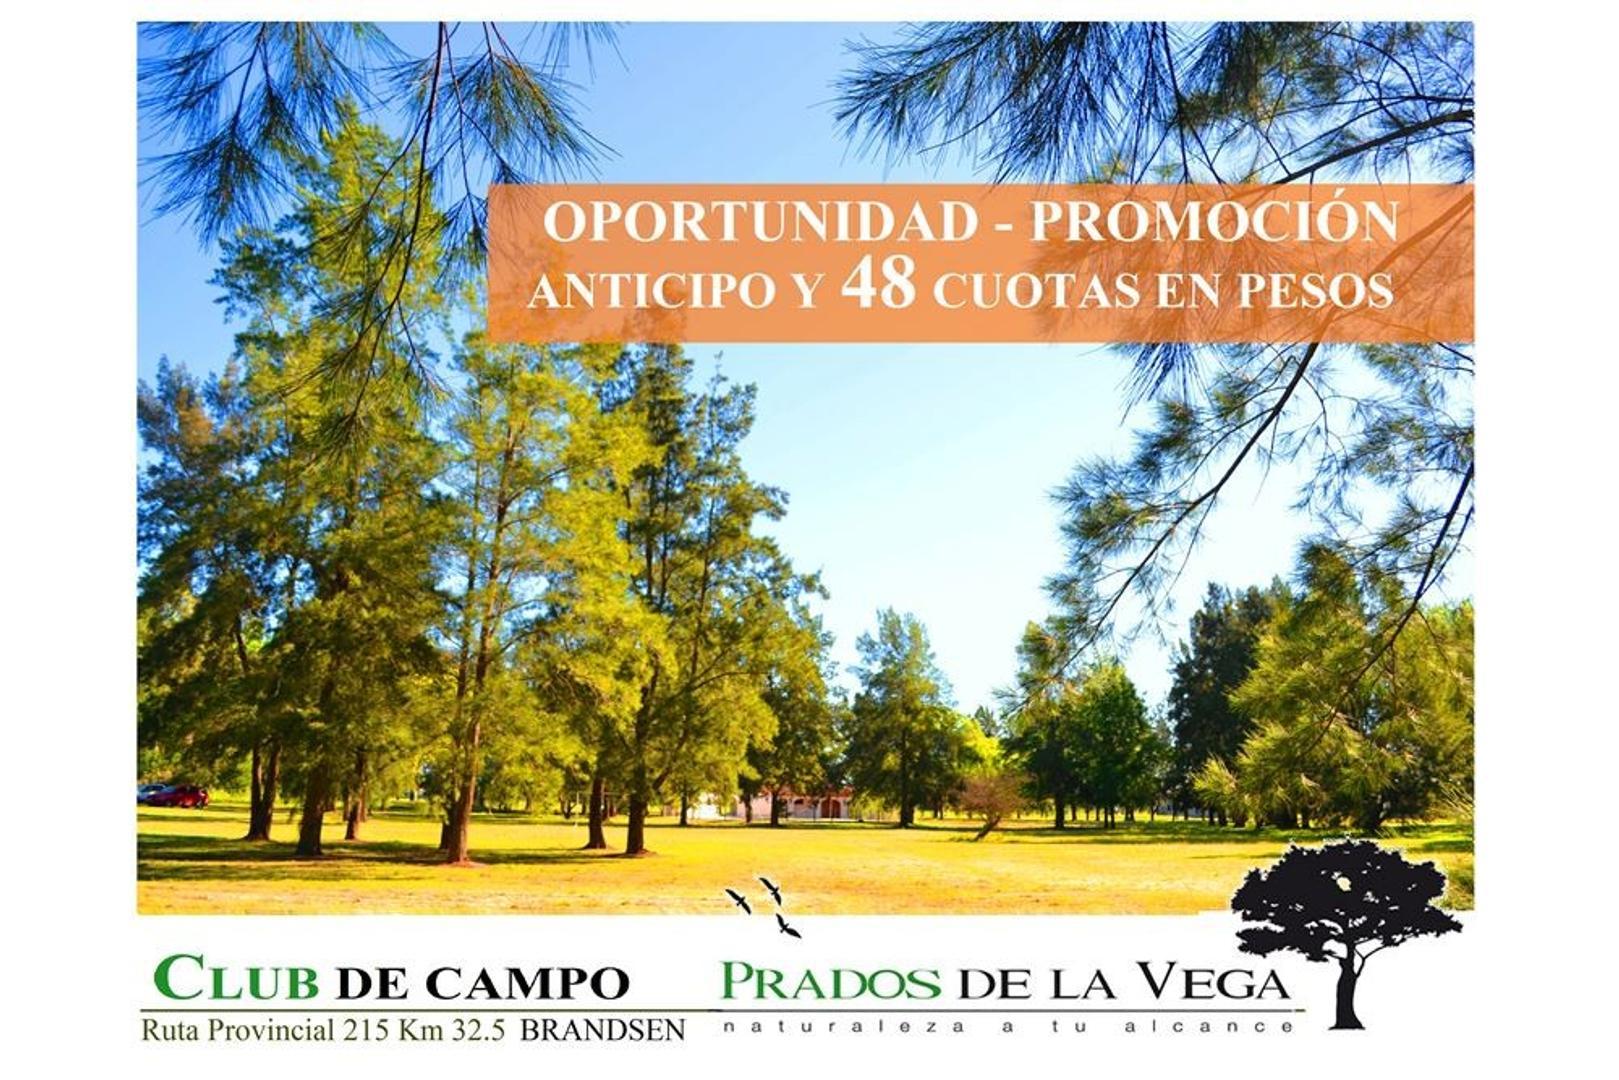 PRADOS DE LA VEGA - Oportunidad LOTES en PESOS